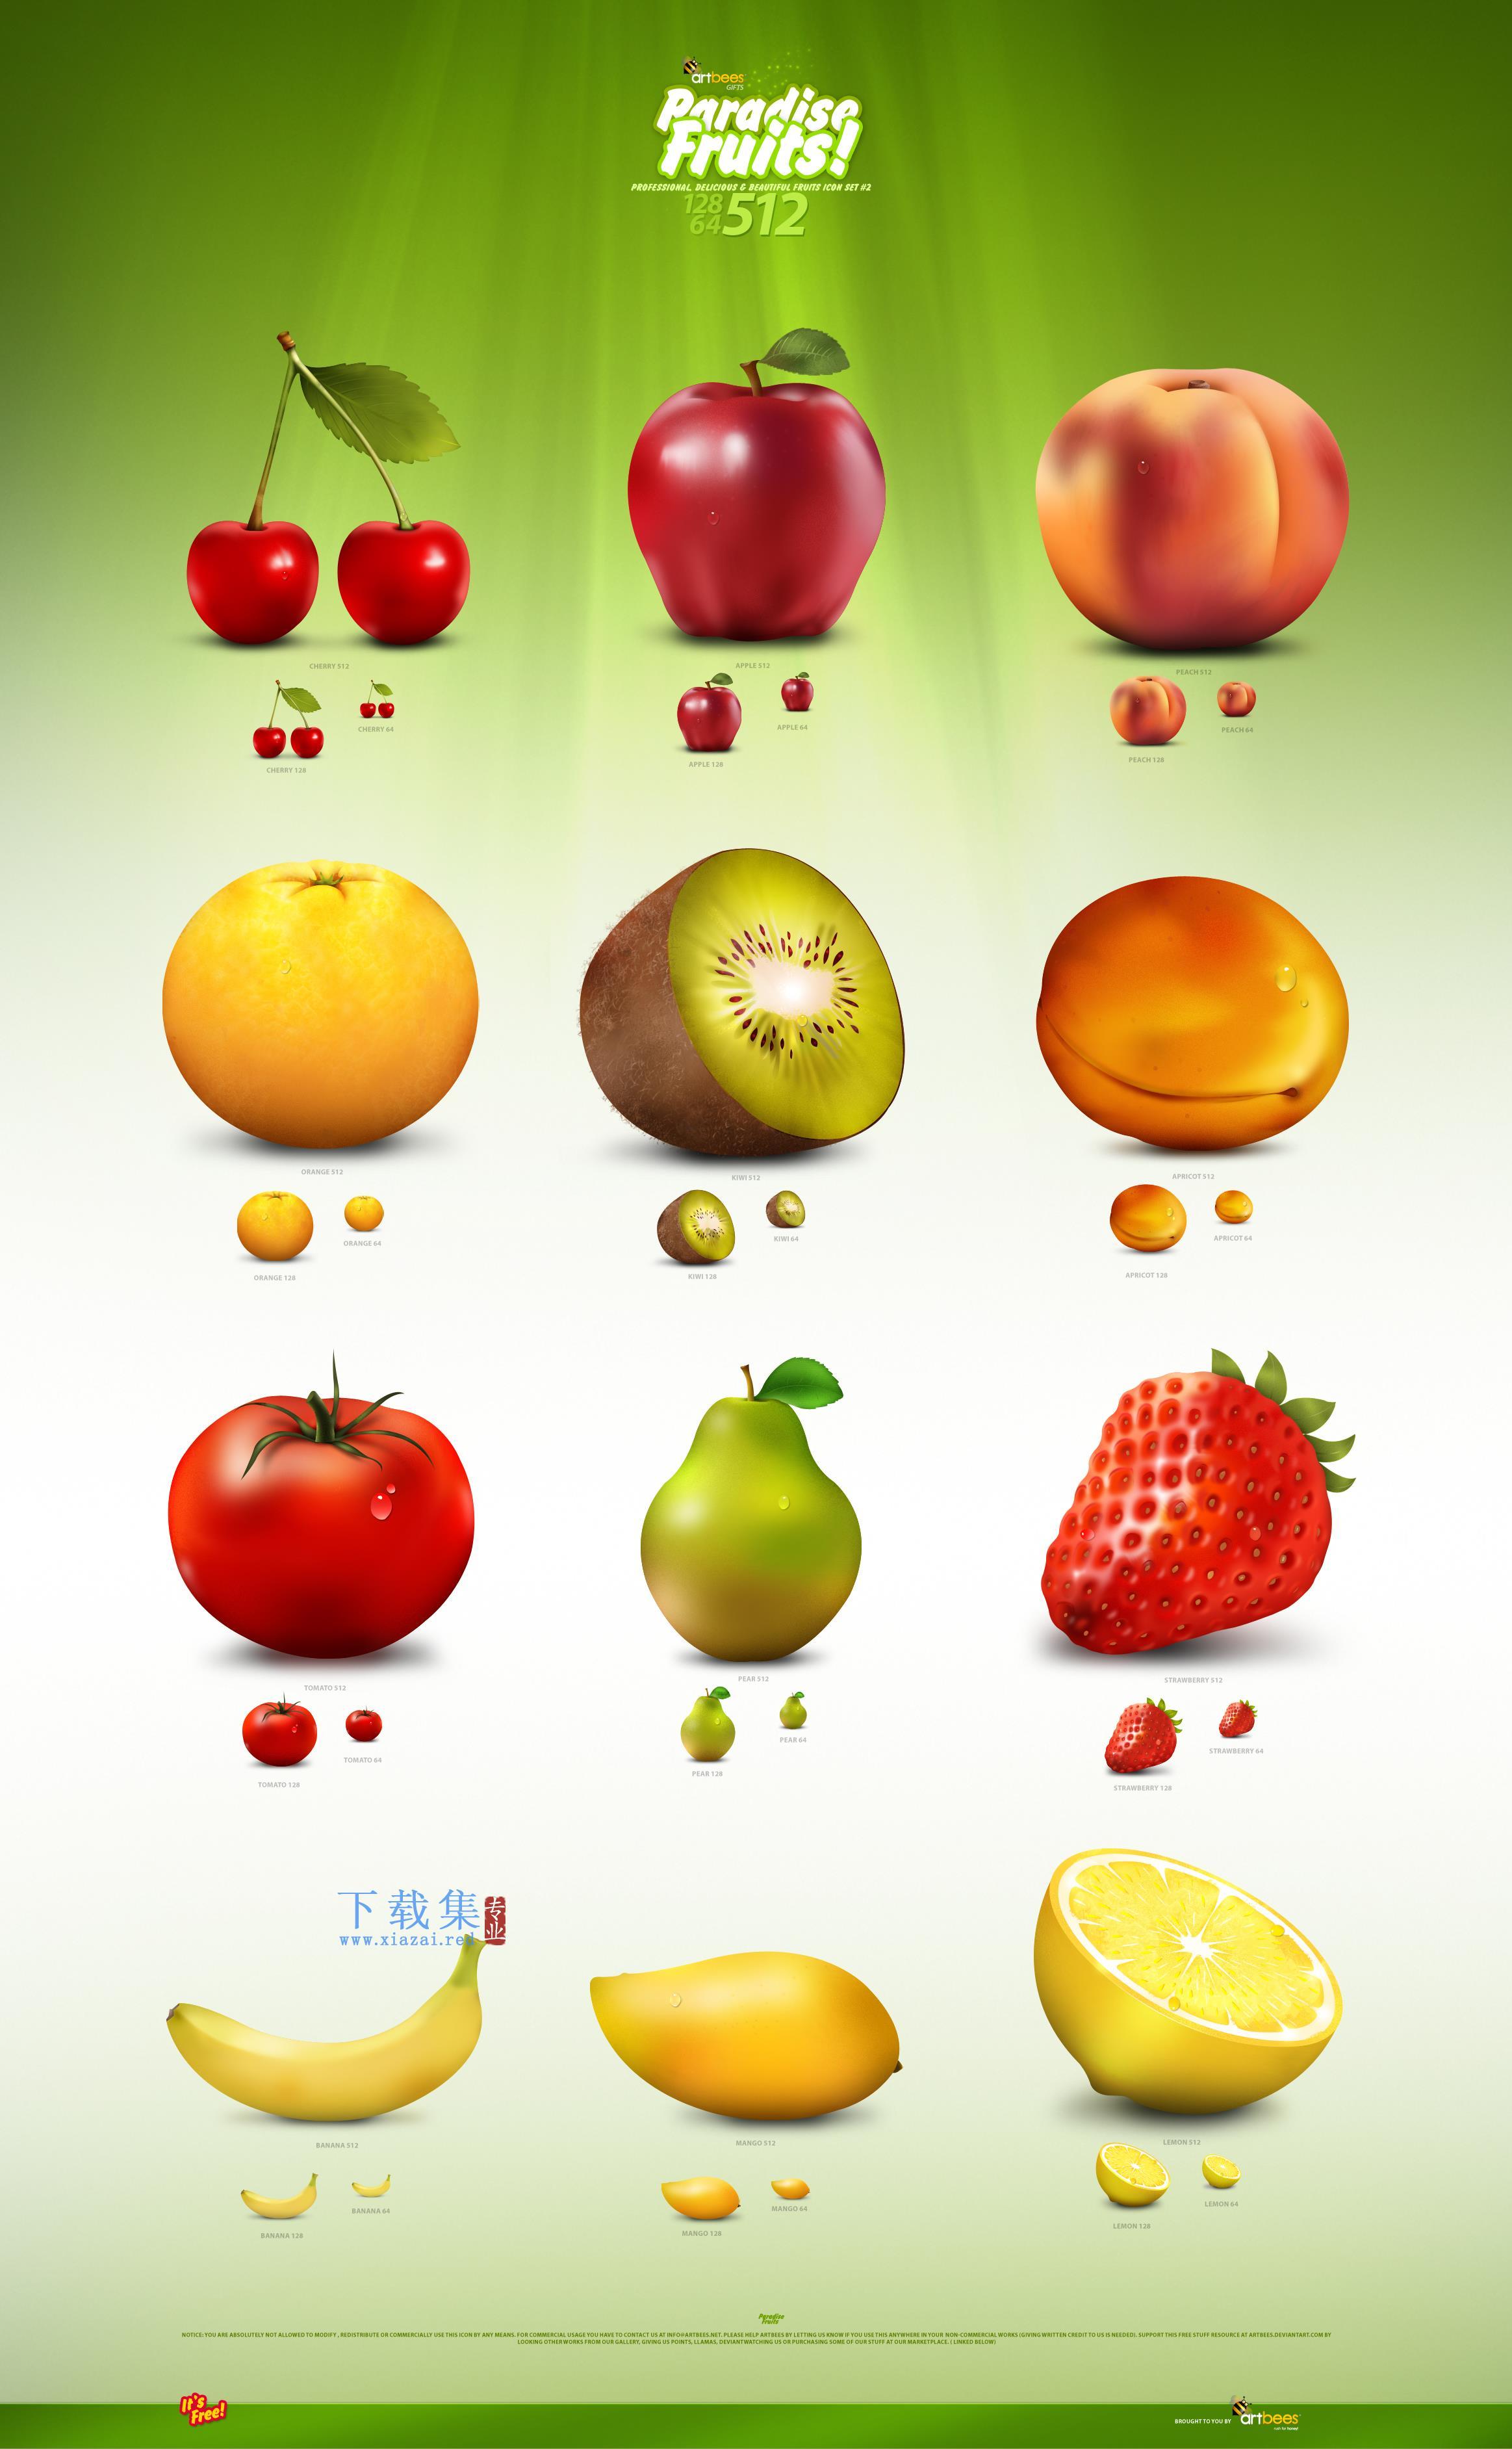 夏季新鲜绿色水果PNG免抠图